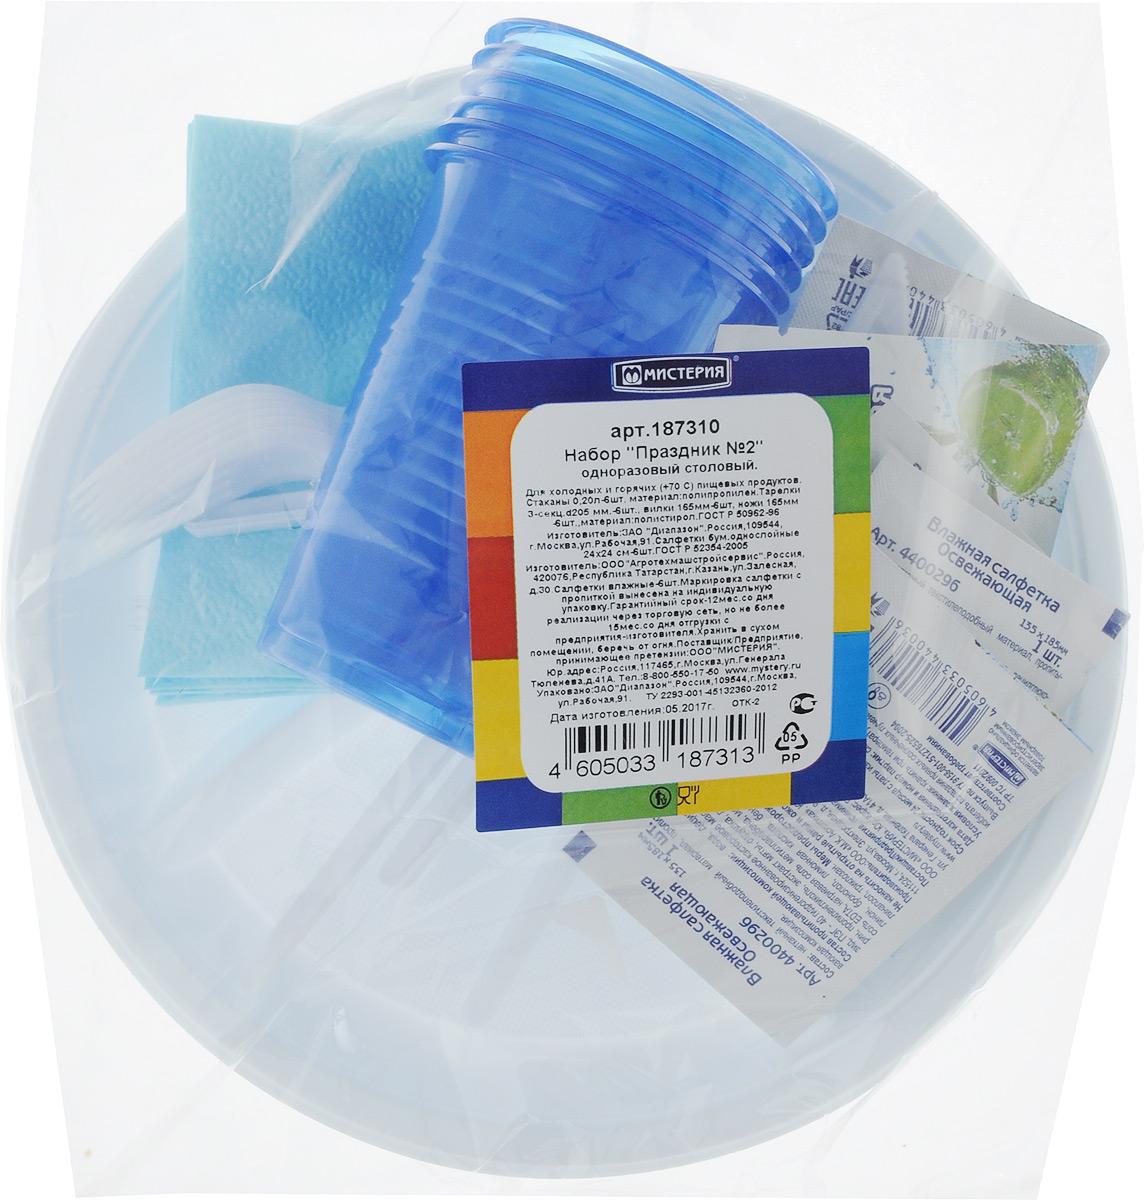 Набор одноразовой посуды Мистерия Праздник, 36 предметов187310Набор одноразовой посуды Мистерия Праздник на 6 персон включает 6 трехсекционных тарелок, 6 вилок, 6 стаканов, 6 бумажных салфеток и 6 влажных салфеток в индивидуальной упаковке. Посуда выполнена из пищевого пластика, предназначена для холодных и горячих (до +70°С) пищевых продуктов. Такой набор посуды отлично подойдет для отдыха на природе. В нем есть все необходимое для пикника. Он легкий и не занимает много места, а самое главное - после использования его не надо мыть. Объем стакана: 200 мл. Диаметр стакана (по верхнему краю): 7 см. Высота стакана: 9,5 см. Диаметр тарелки: 20,5 см. Длина вилки: 16,5 см. Длина ножа: 16,5 см. Размер бумажной салфетки: 24 х 24 см. Размер влажной салфетки: 13,5 х 18,5 см.